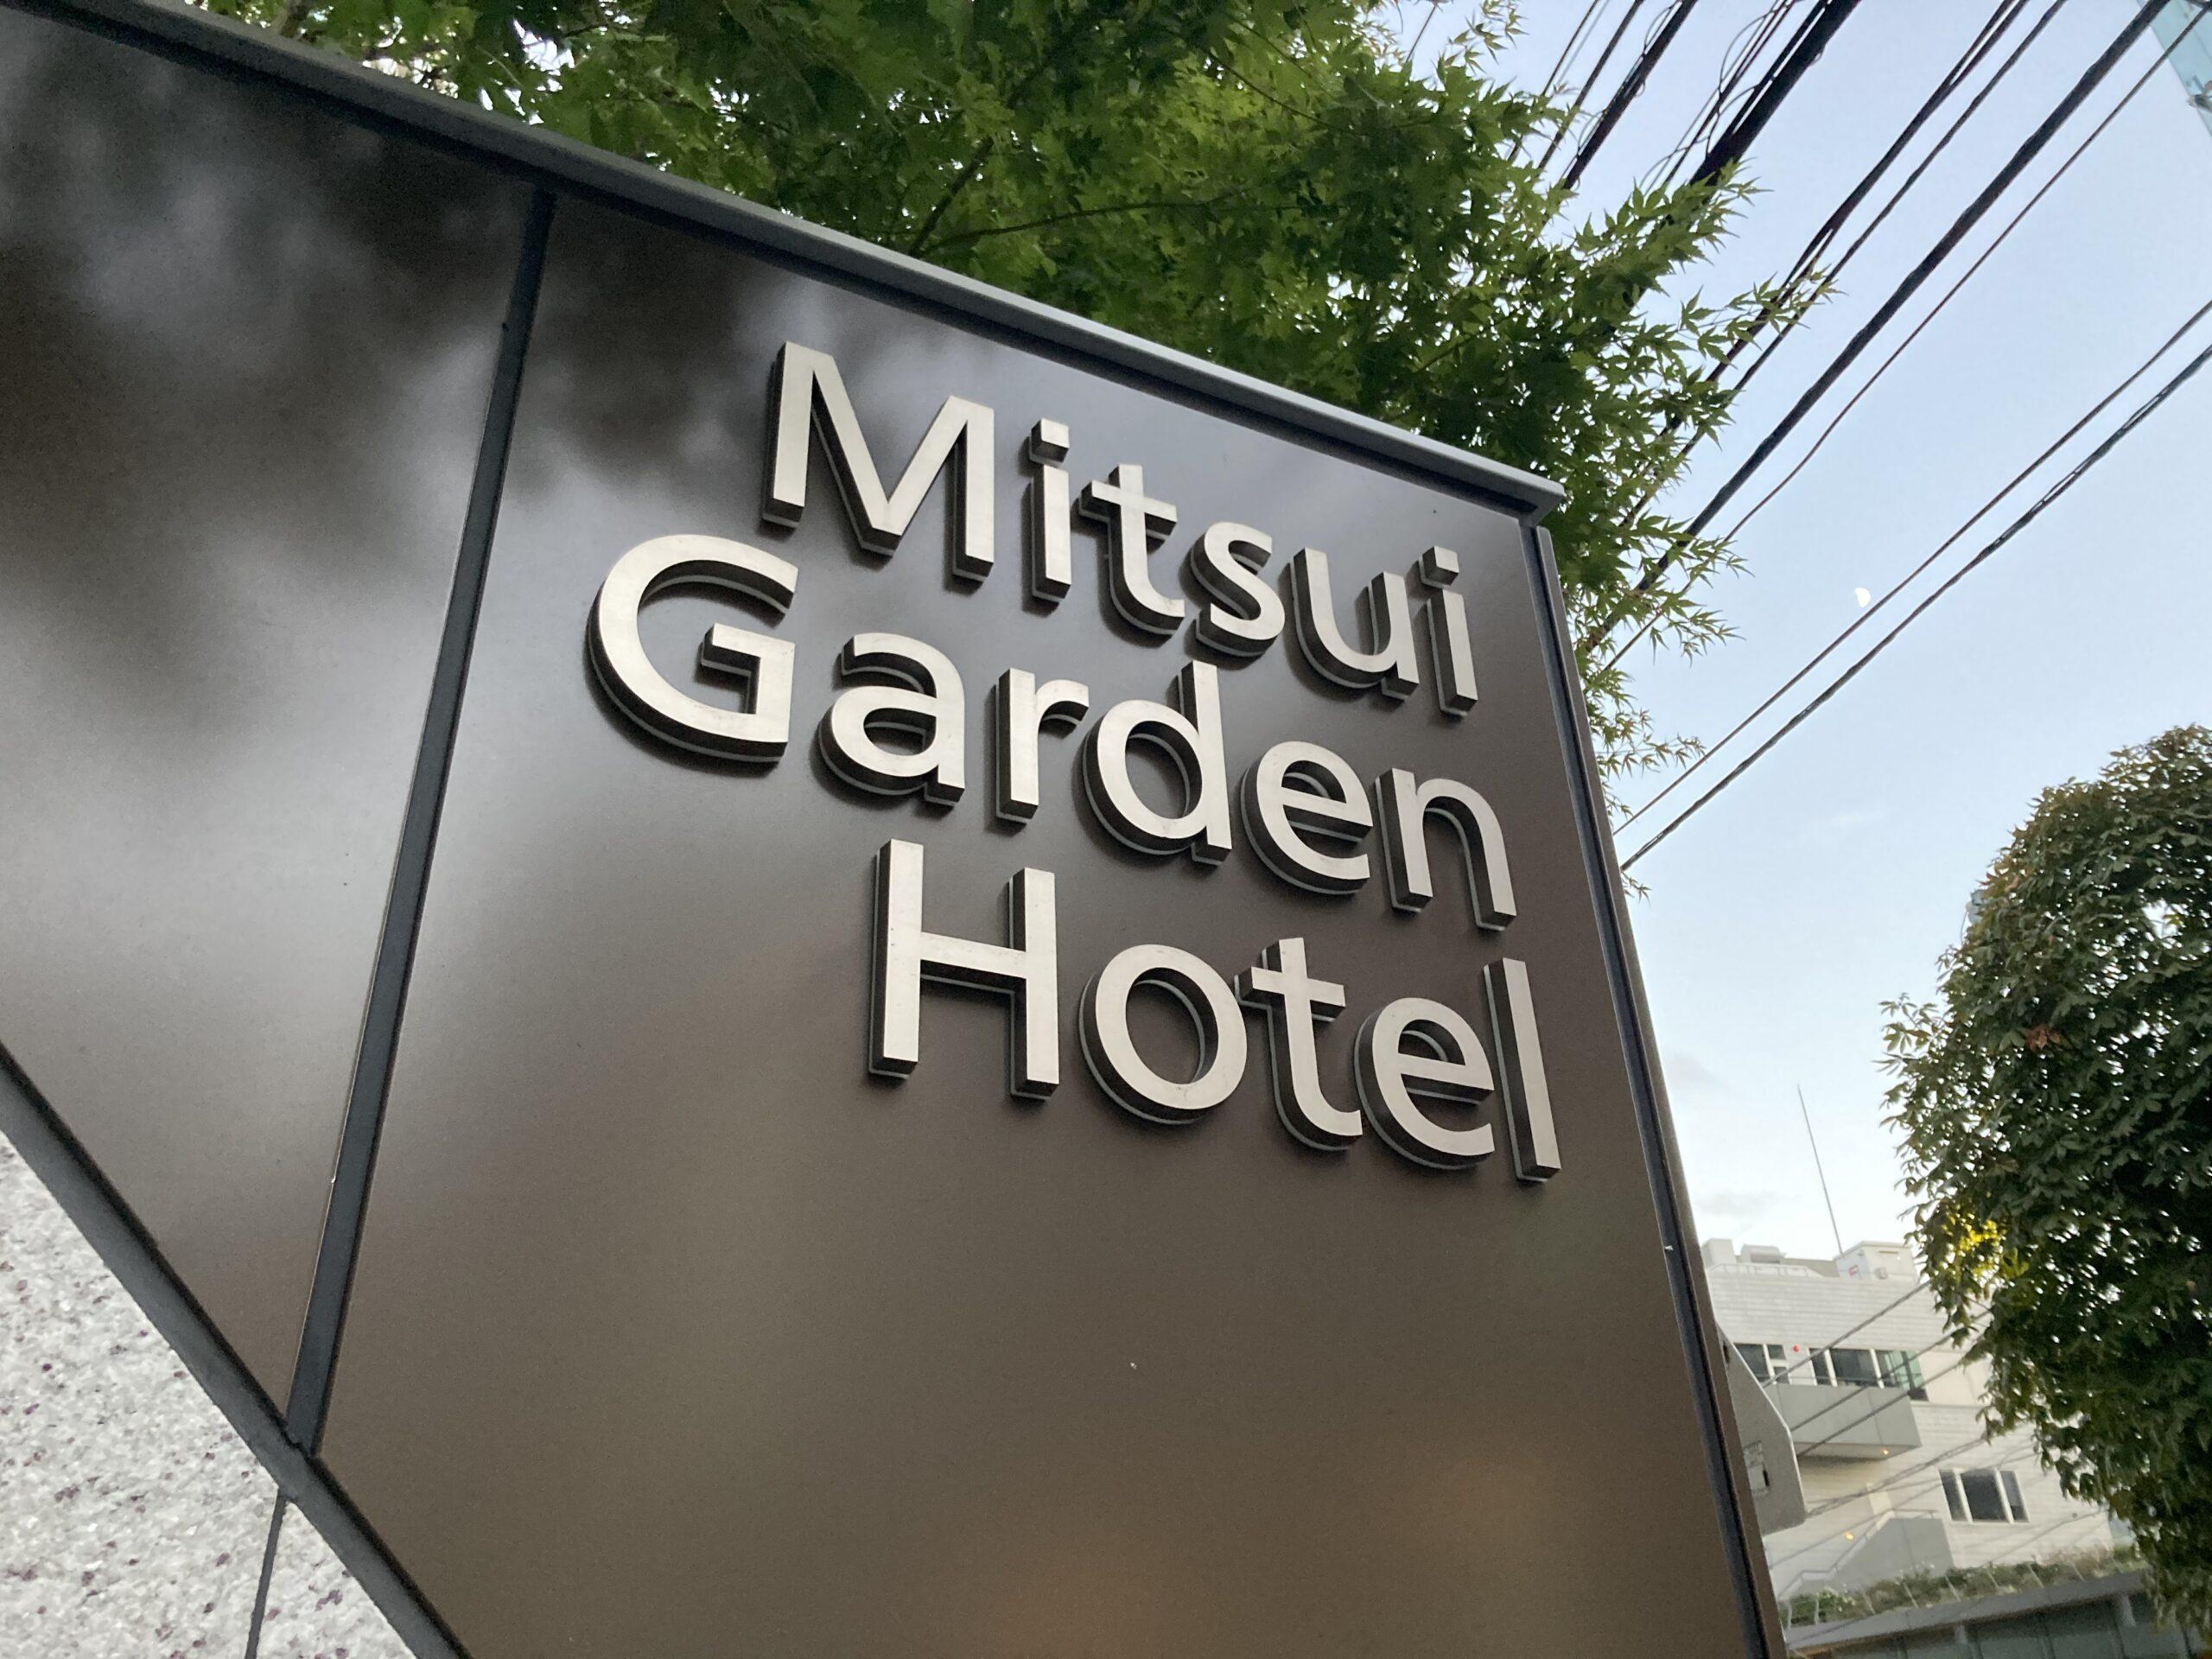 【宿泊記】「三井ガーデンホテル六本木プレミア」感想&レビュー!やっぱりプレミアはプレミアだった。